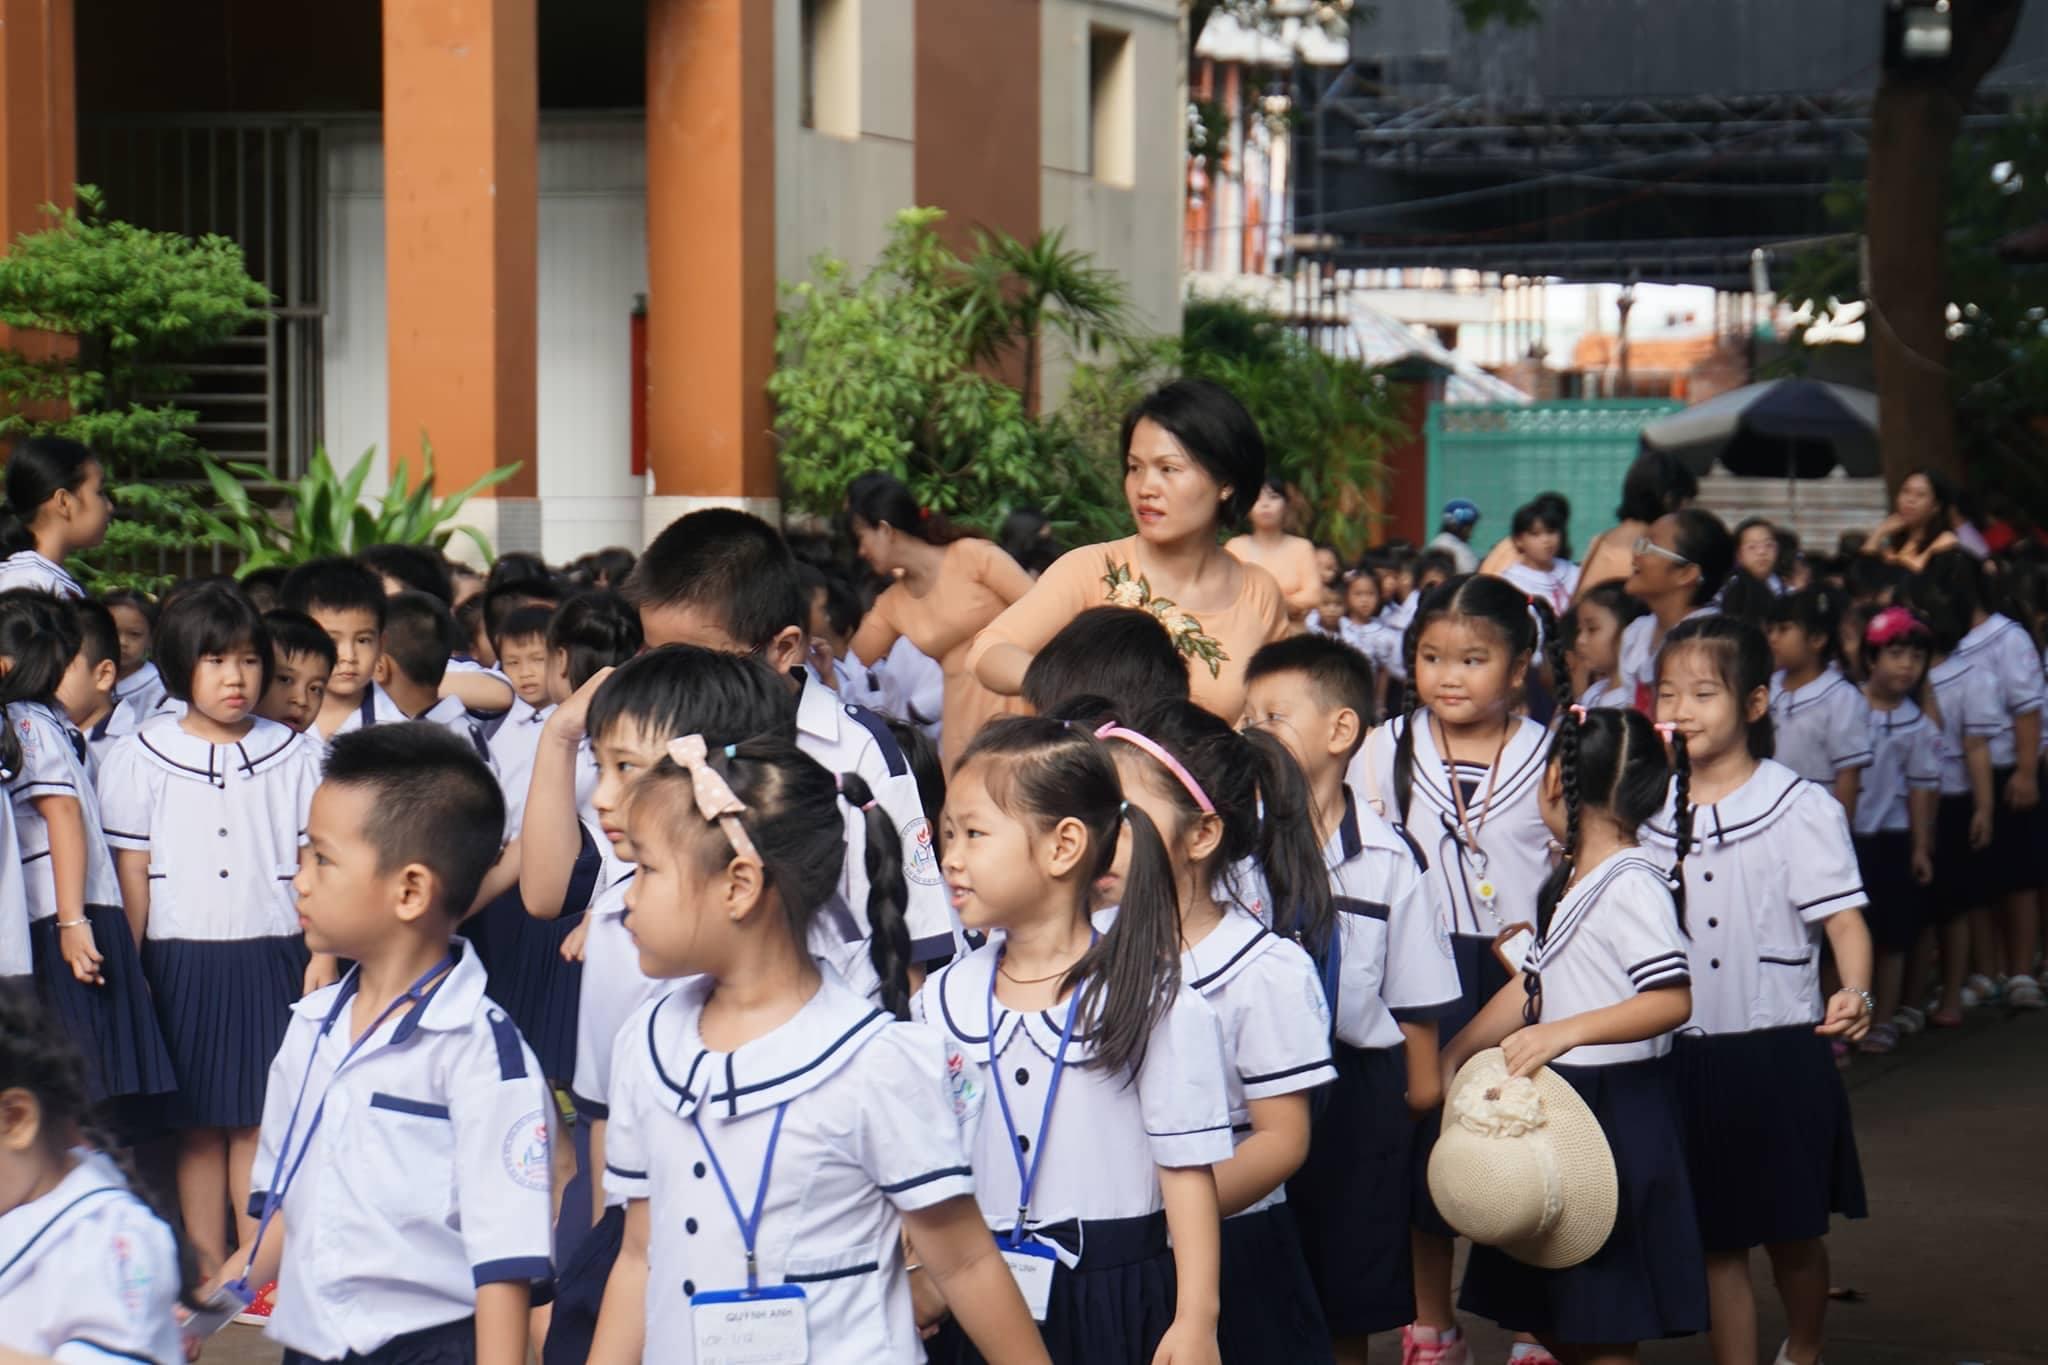 Chủ tịch nước dự lễ khai giảng ở Trường THPT Chu Văn An